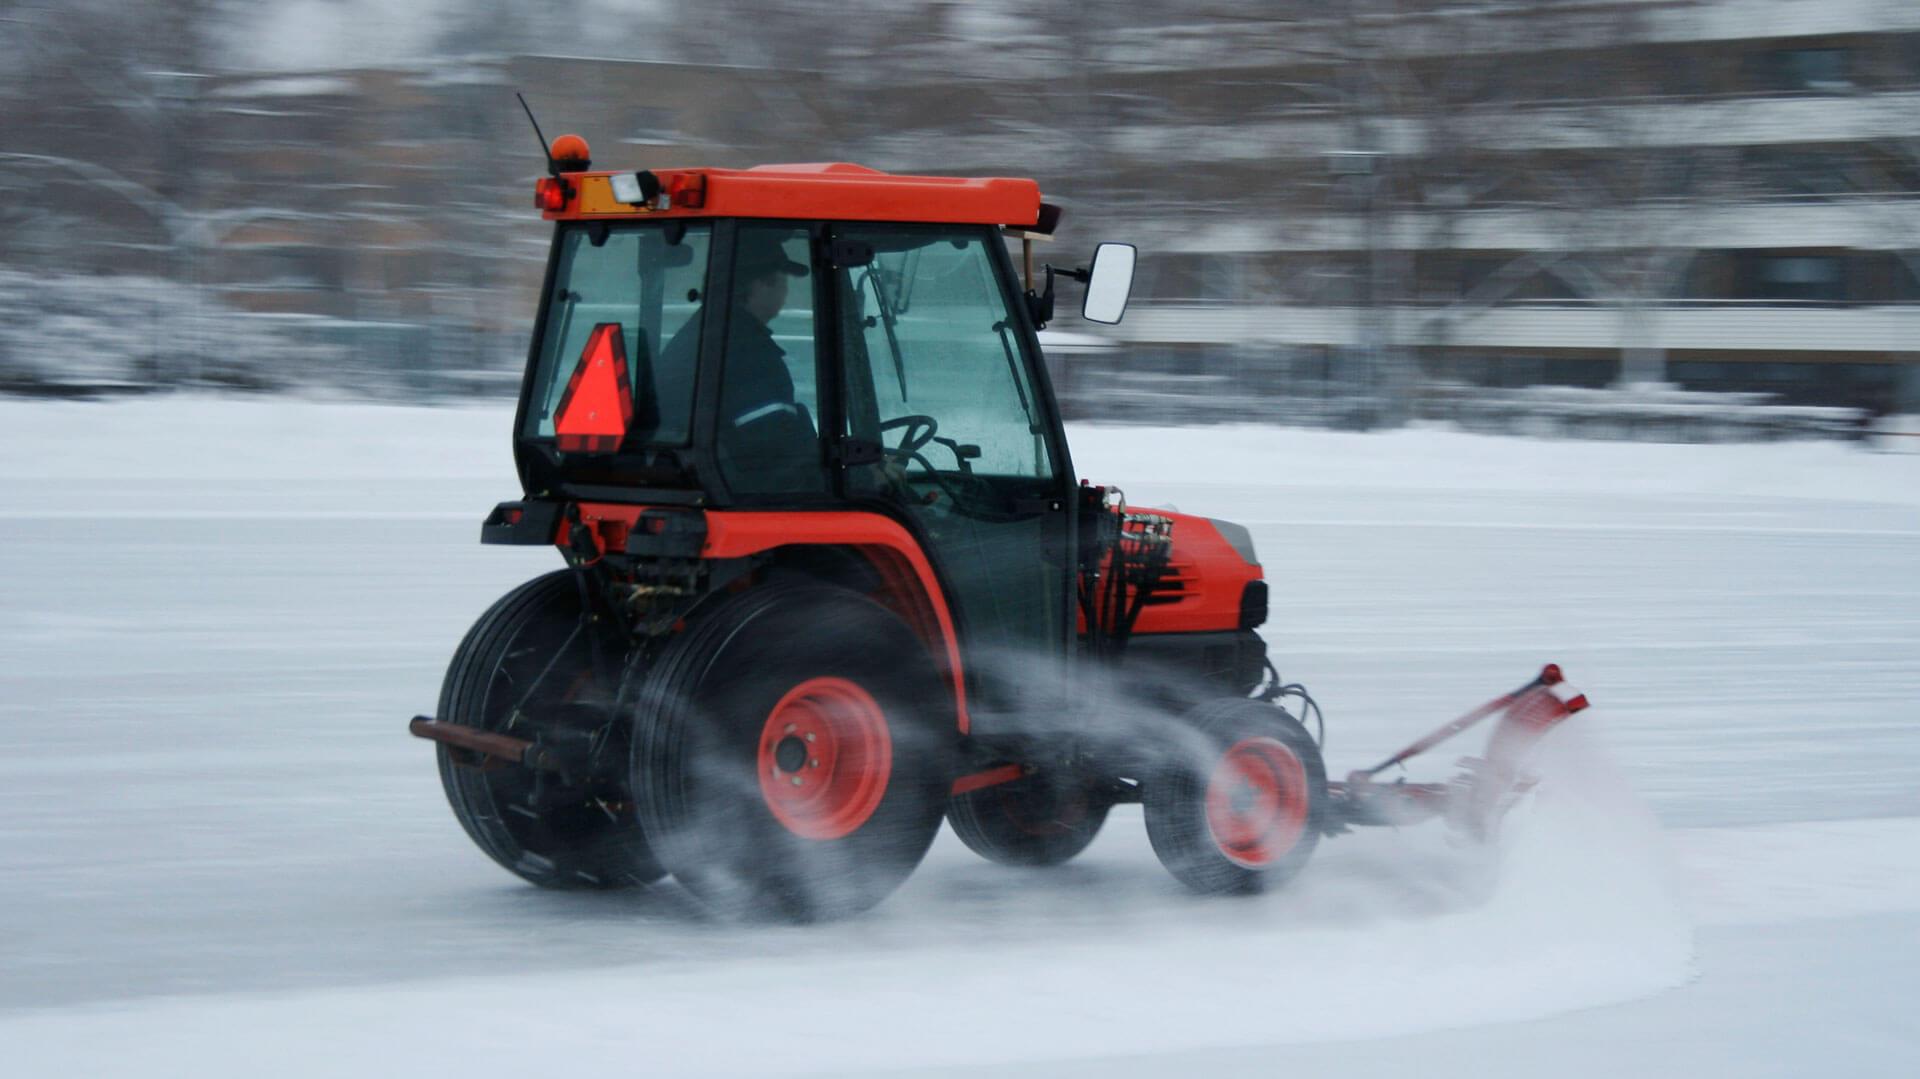 Der Winterdienst von SAAD Facility Management räumt großflächig Schnee